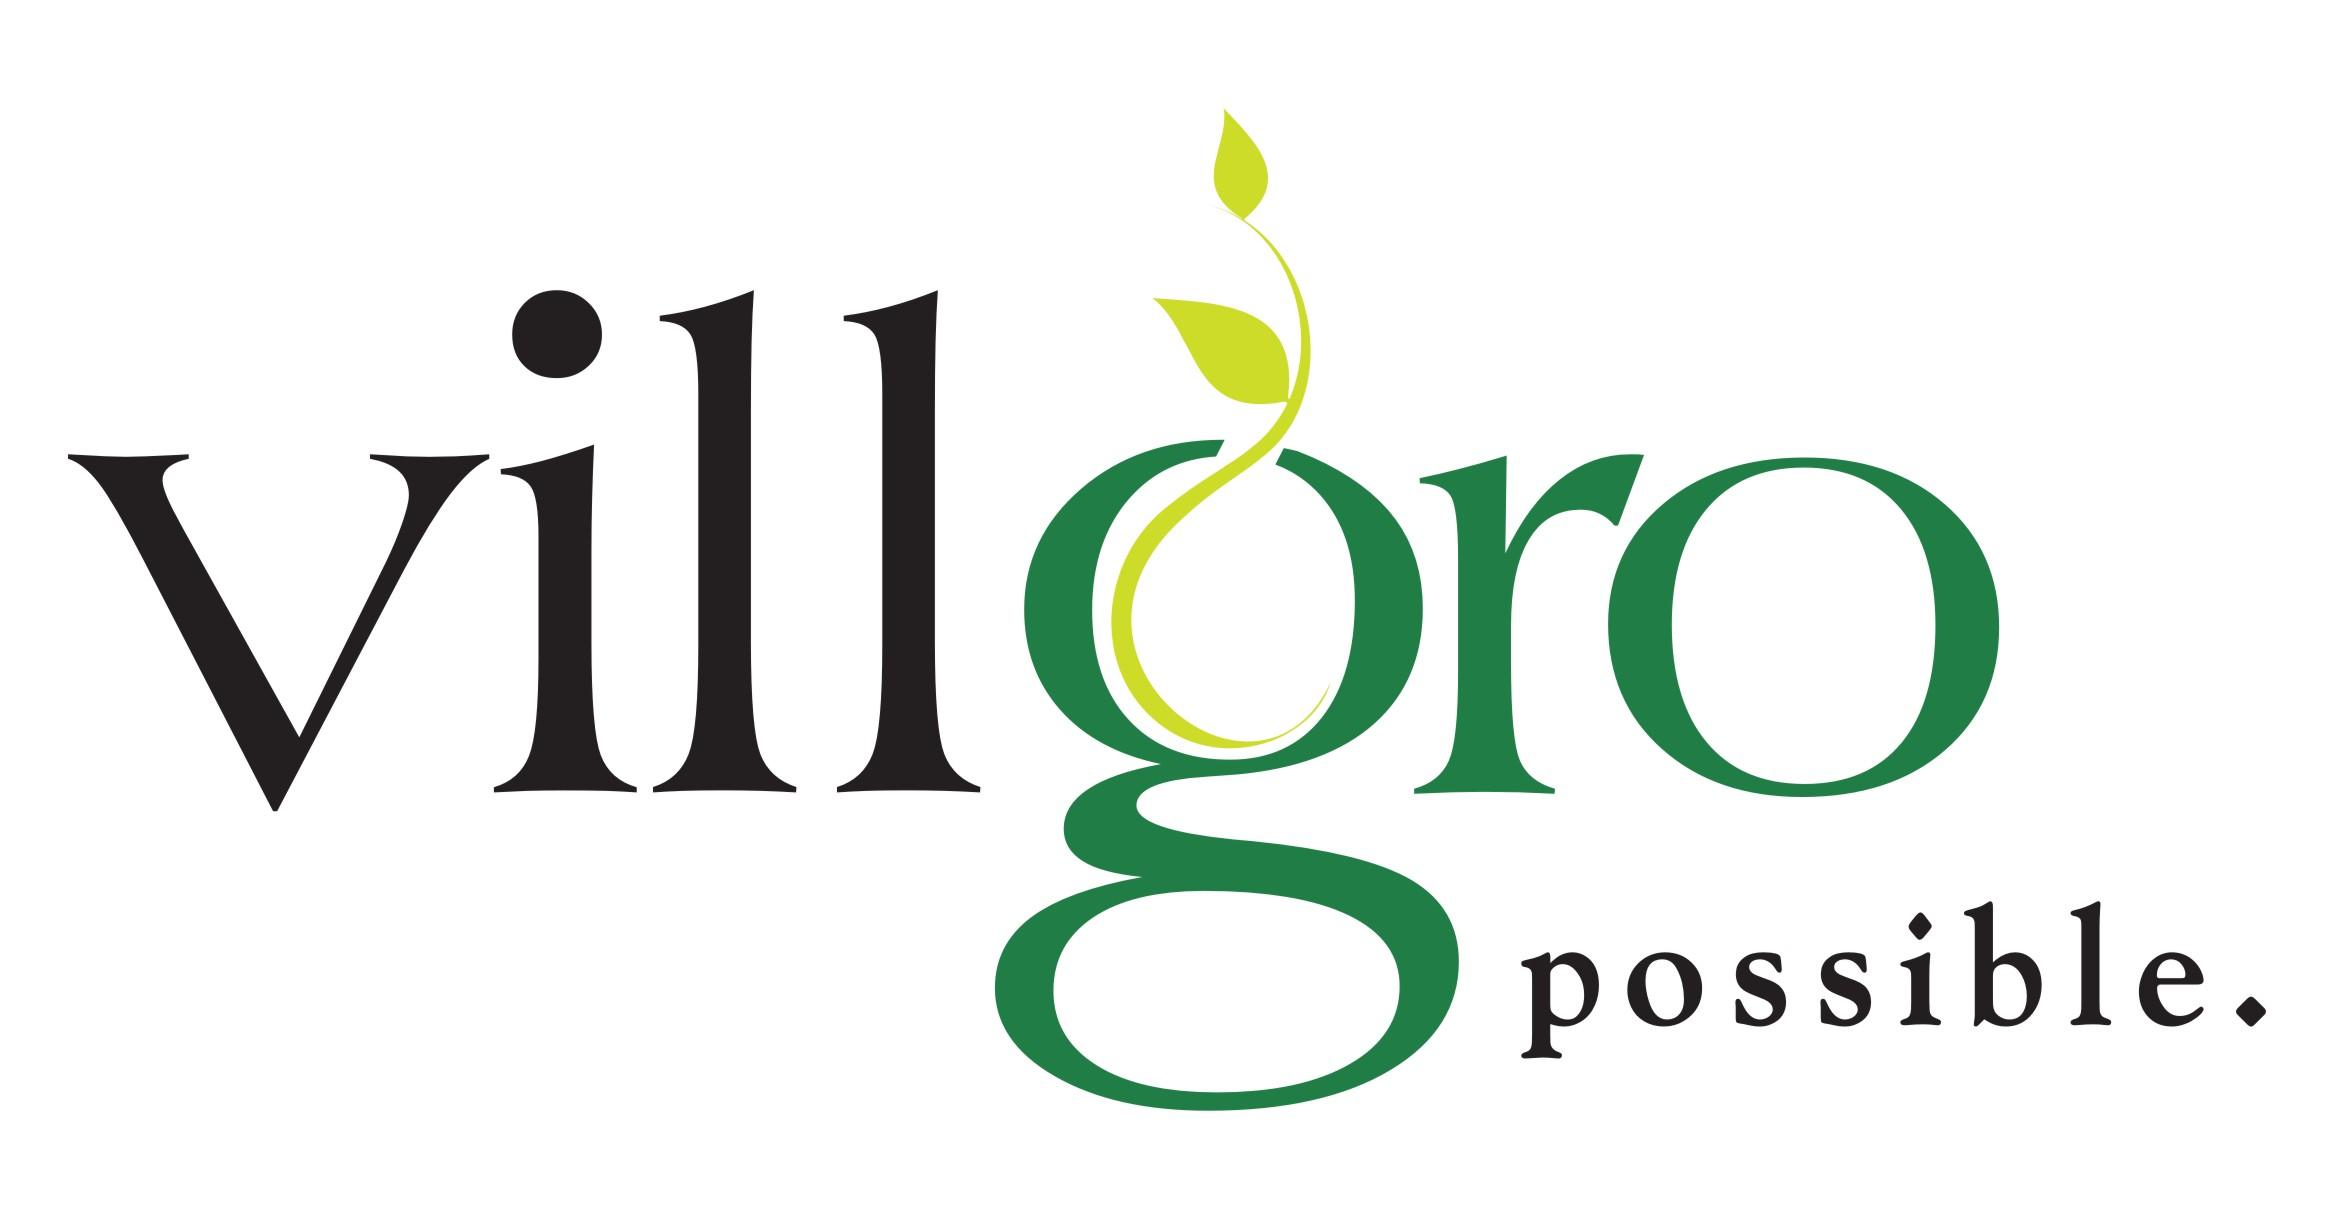 villgro_logo.jpg